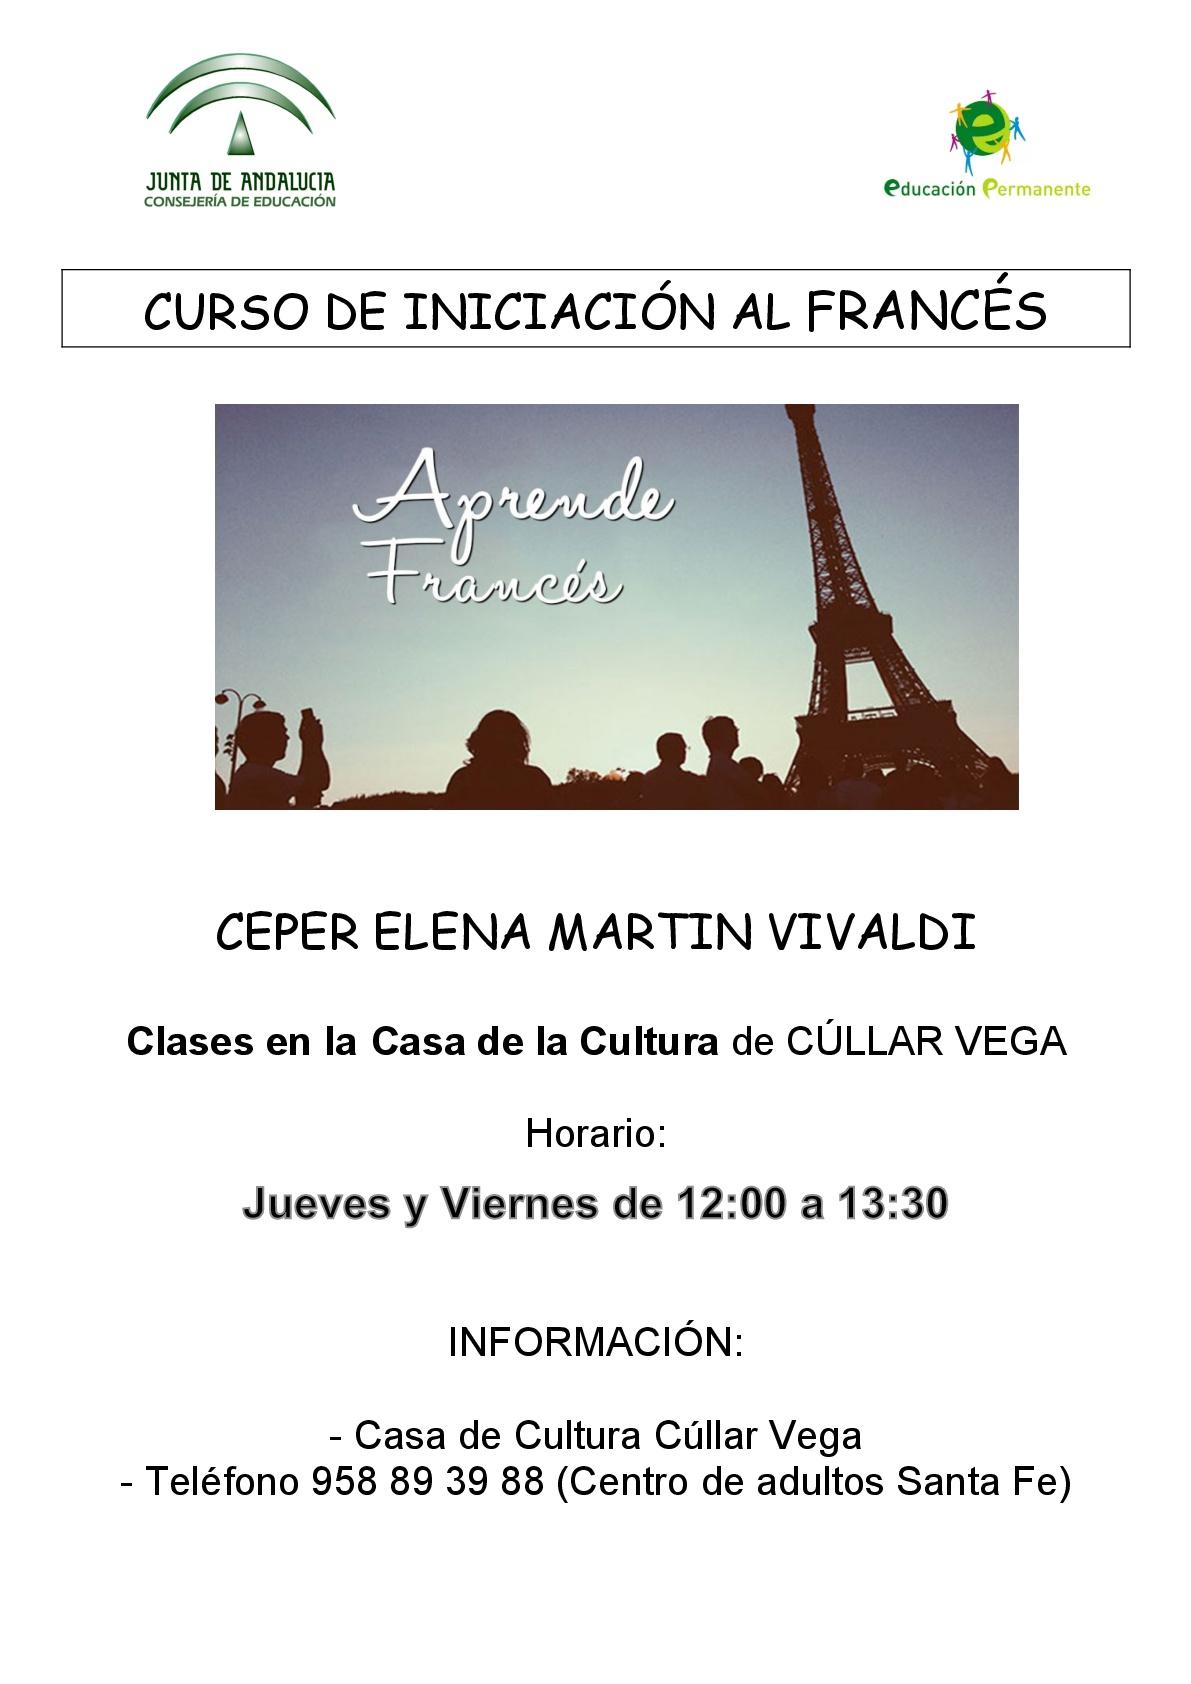 Curso de Iniciación al francés en el Ceper Elena Martín Vivaldi